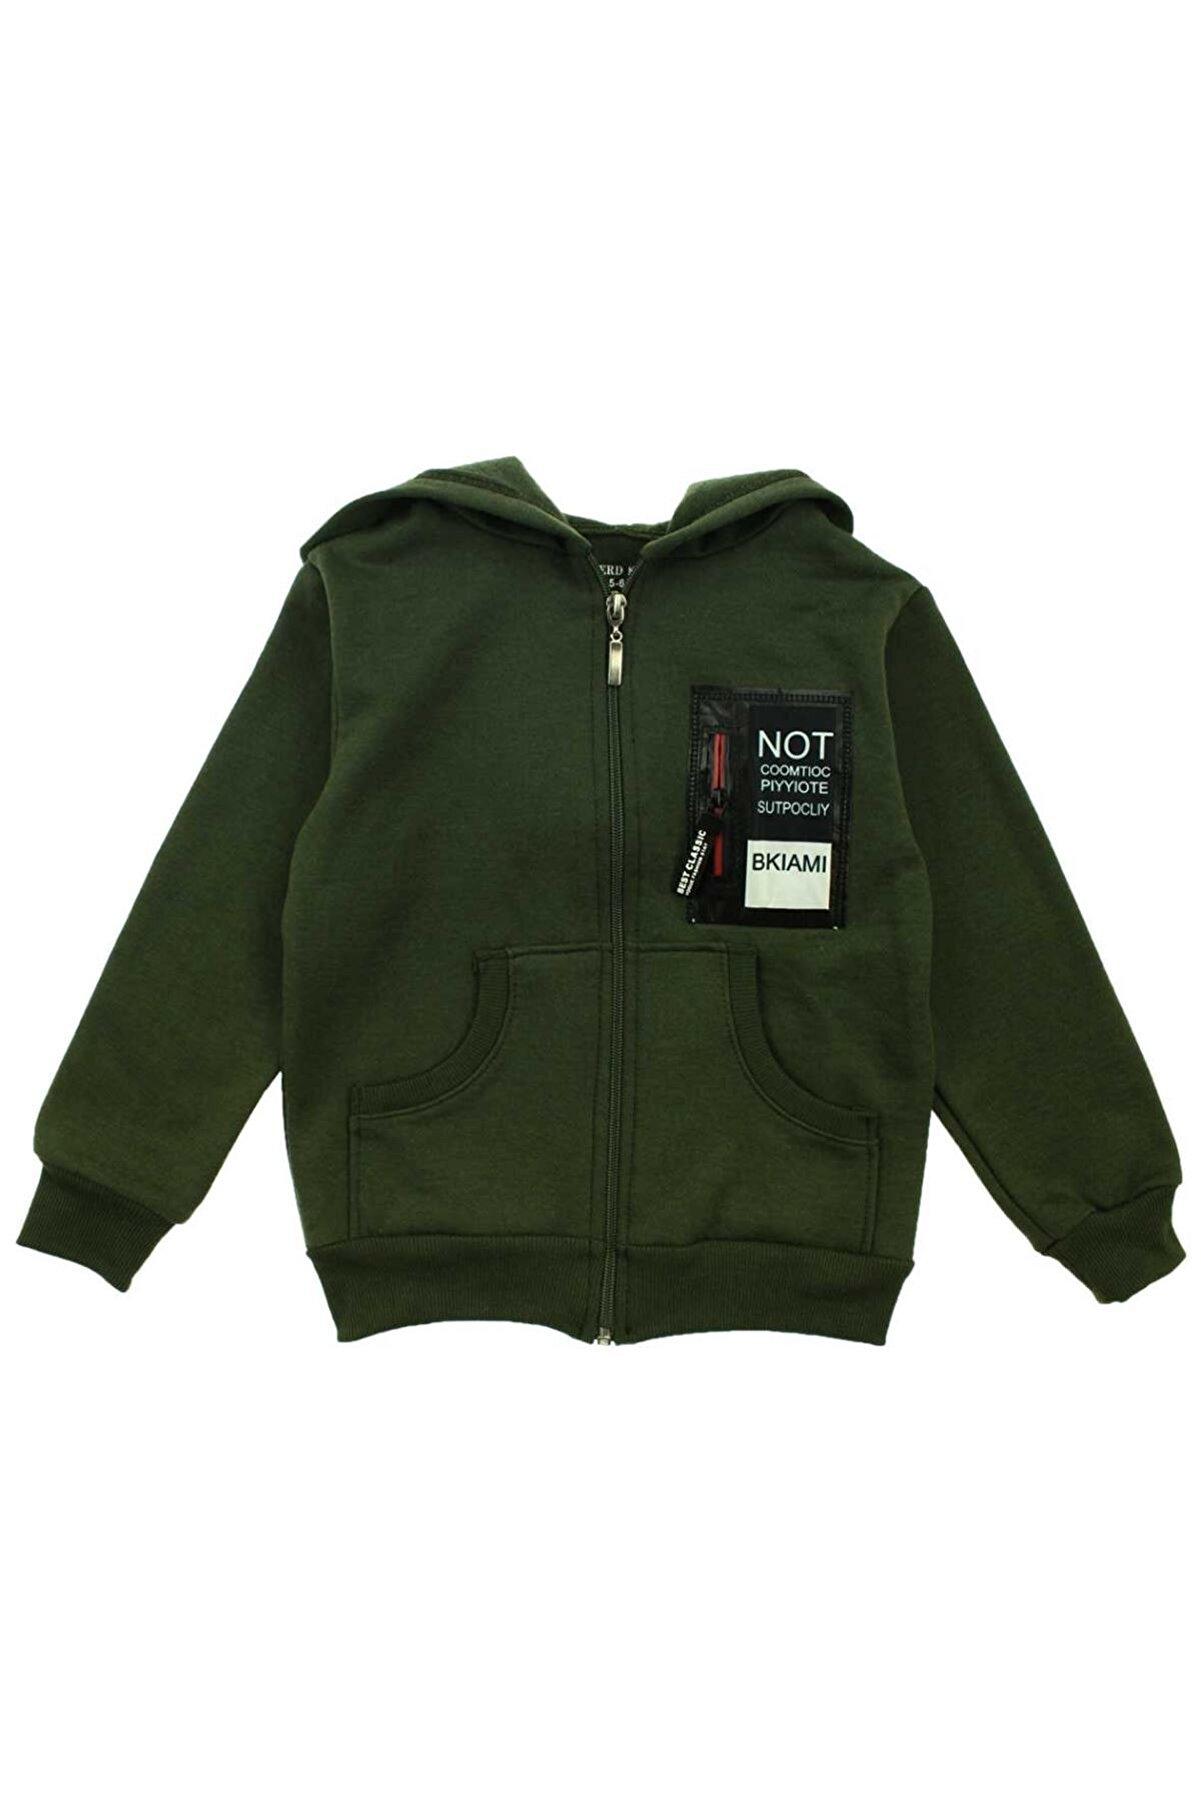 Modakids Yeşil Erkek Çocuk Sweatshirt